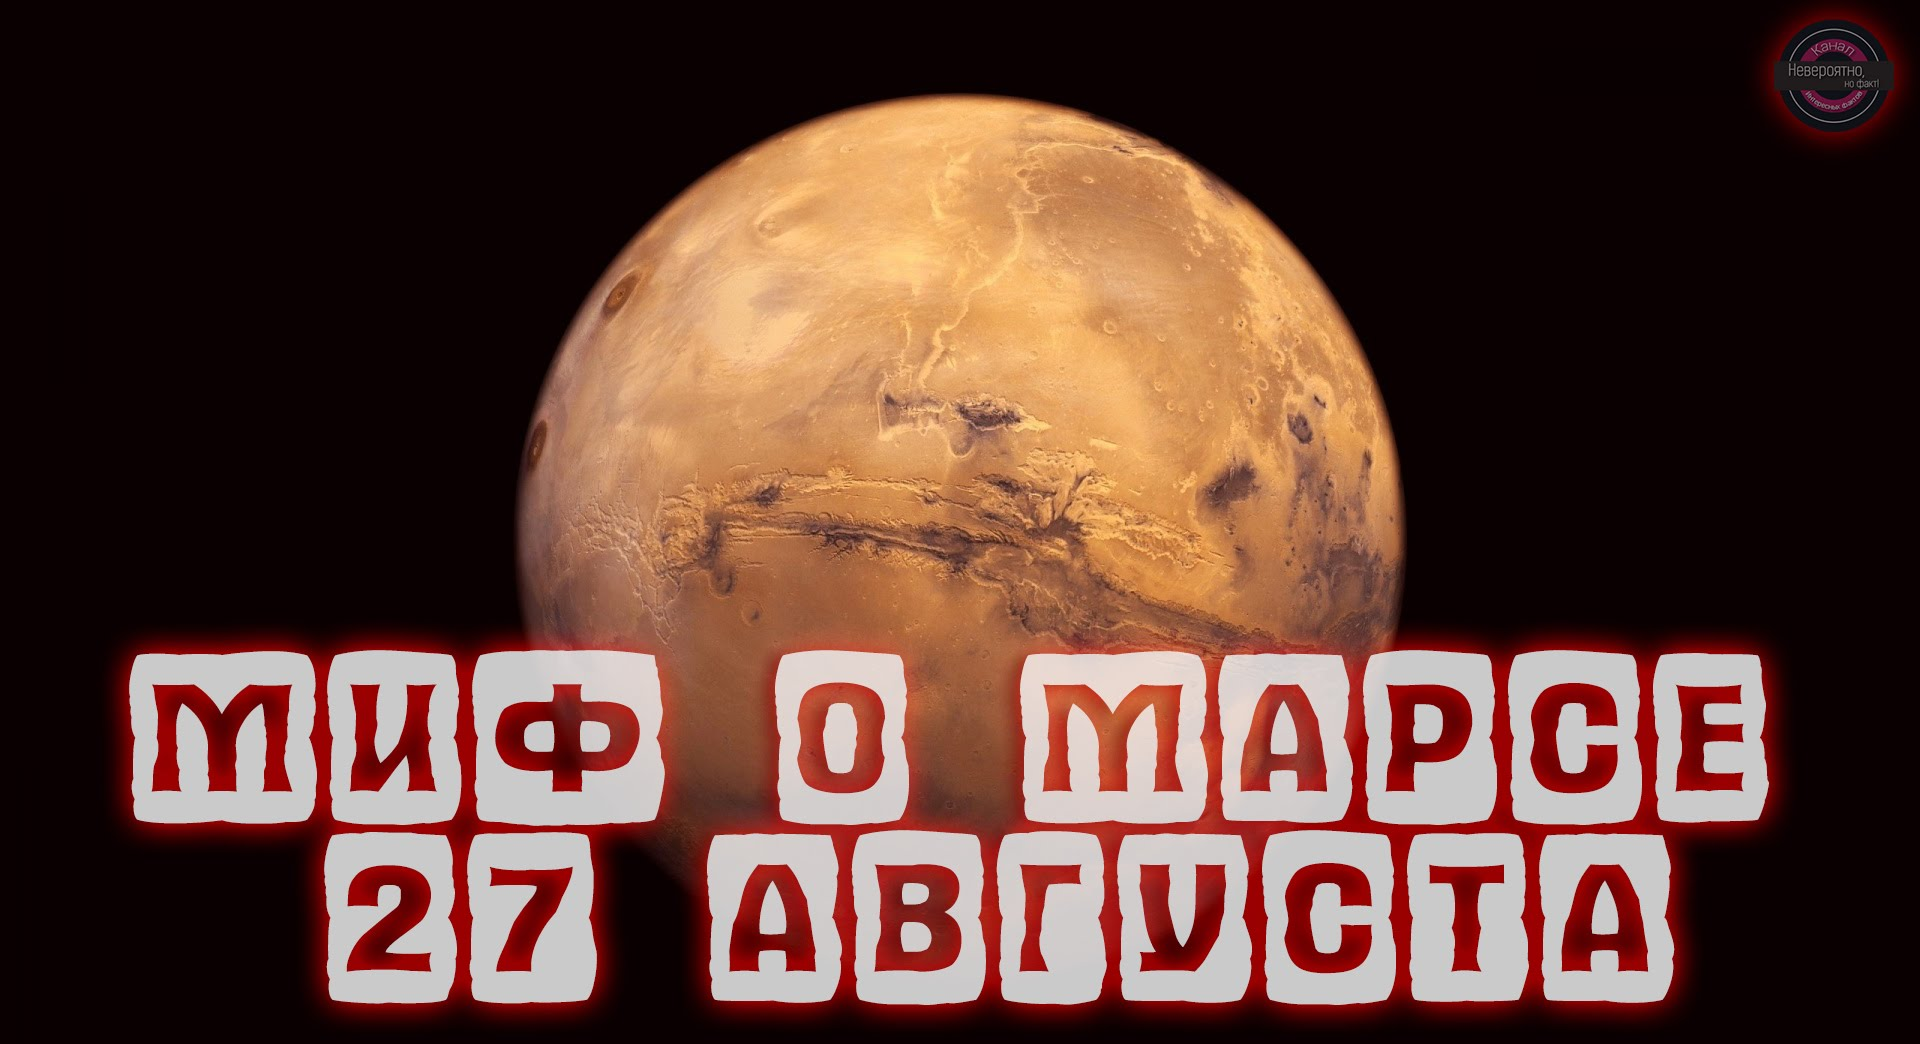 Миф о Марсе